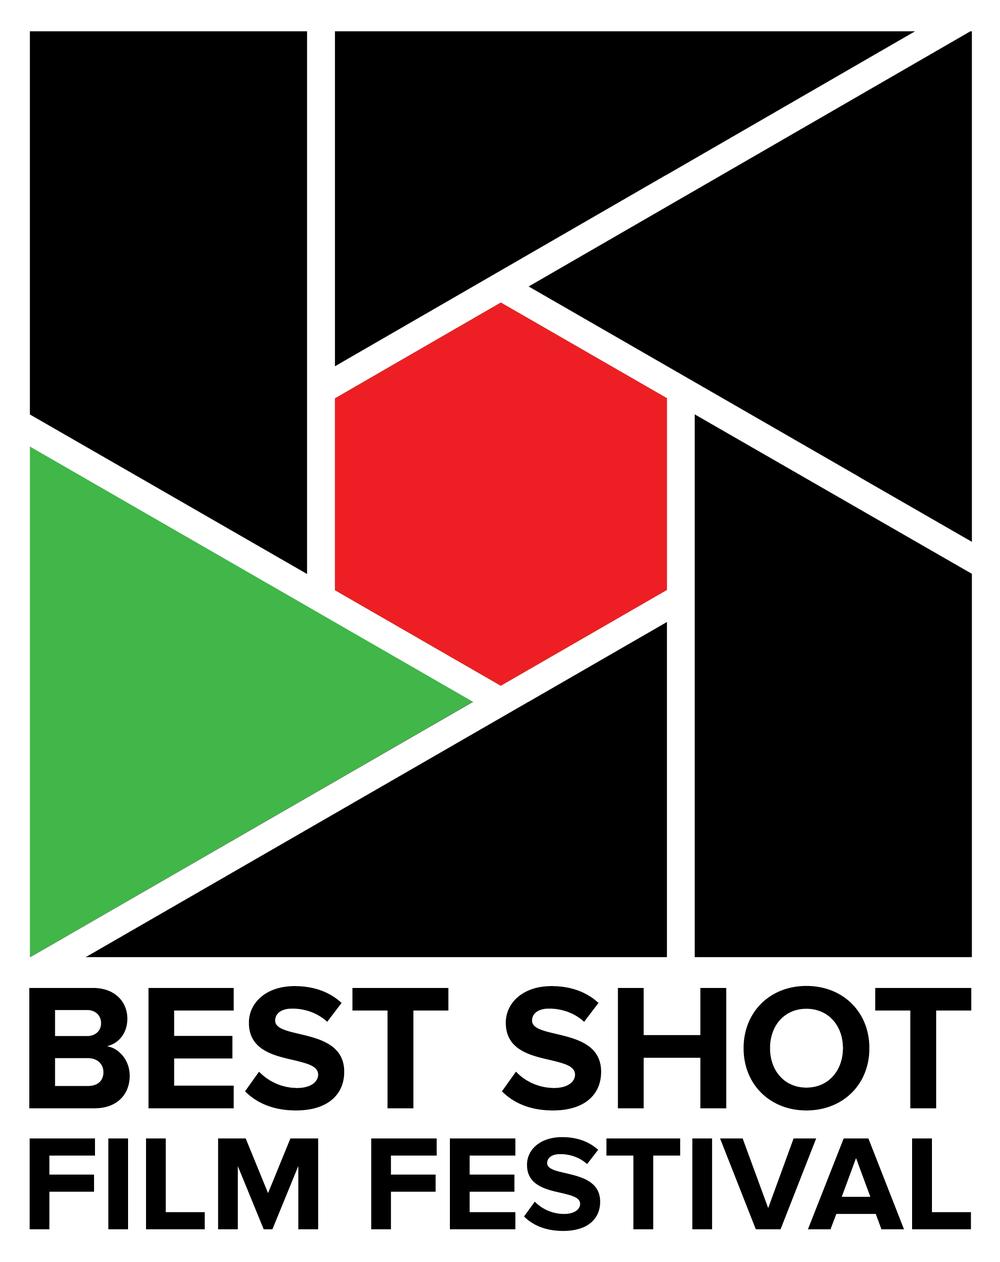 Best Shot Film Festival Logo